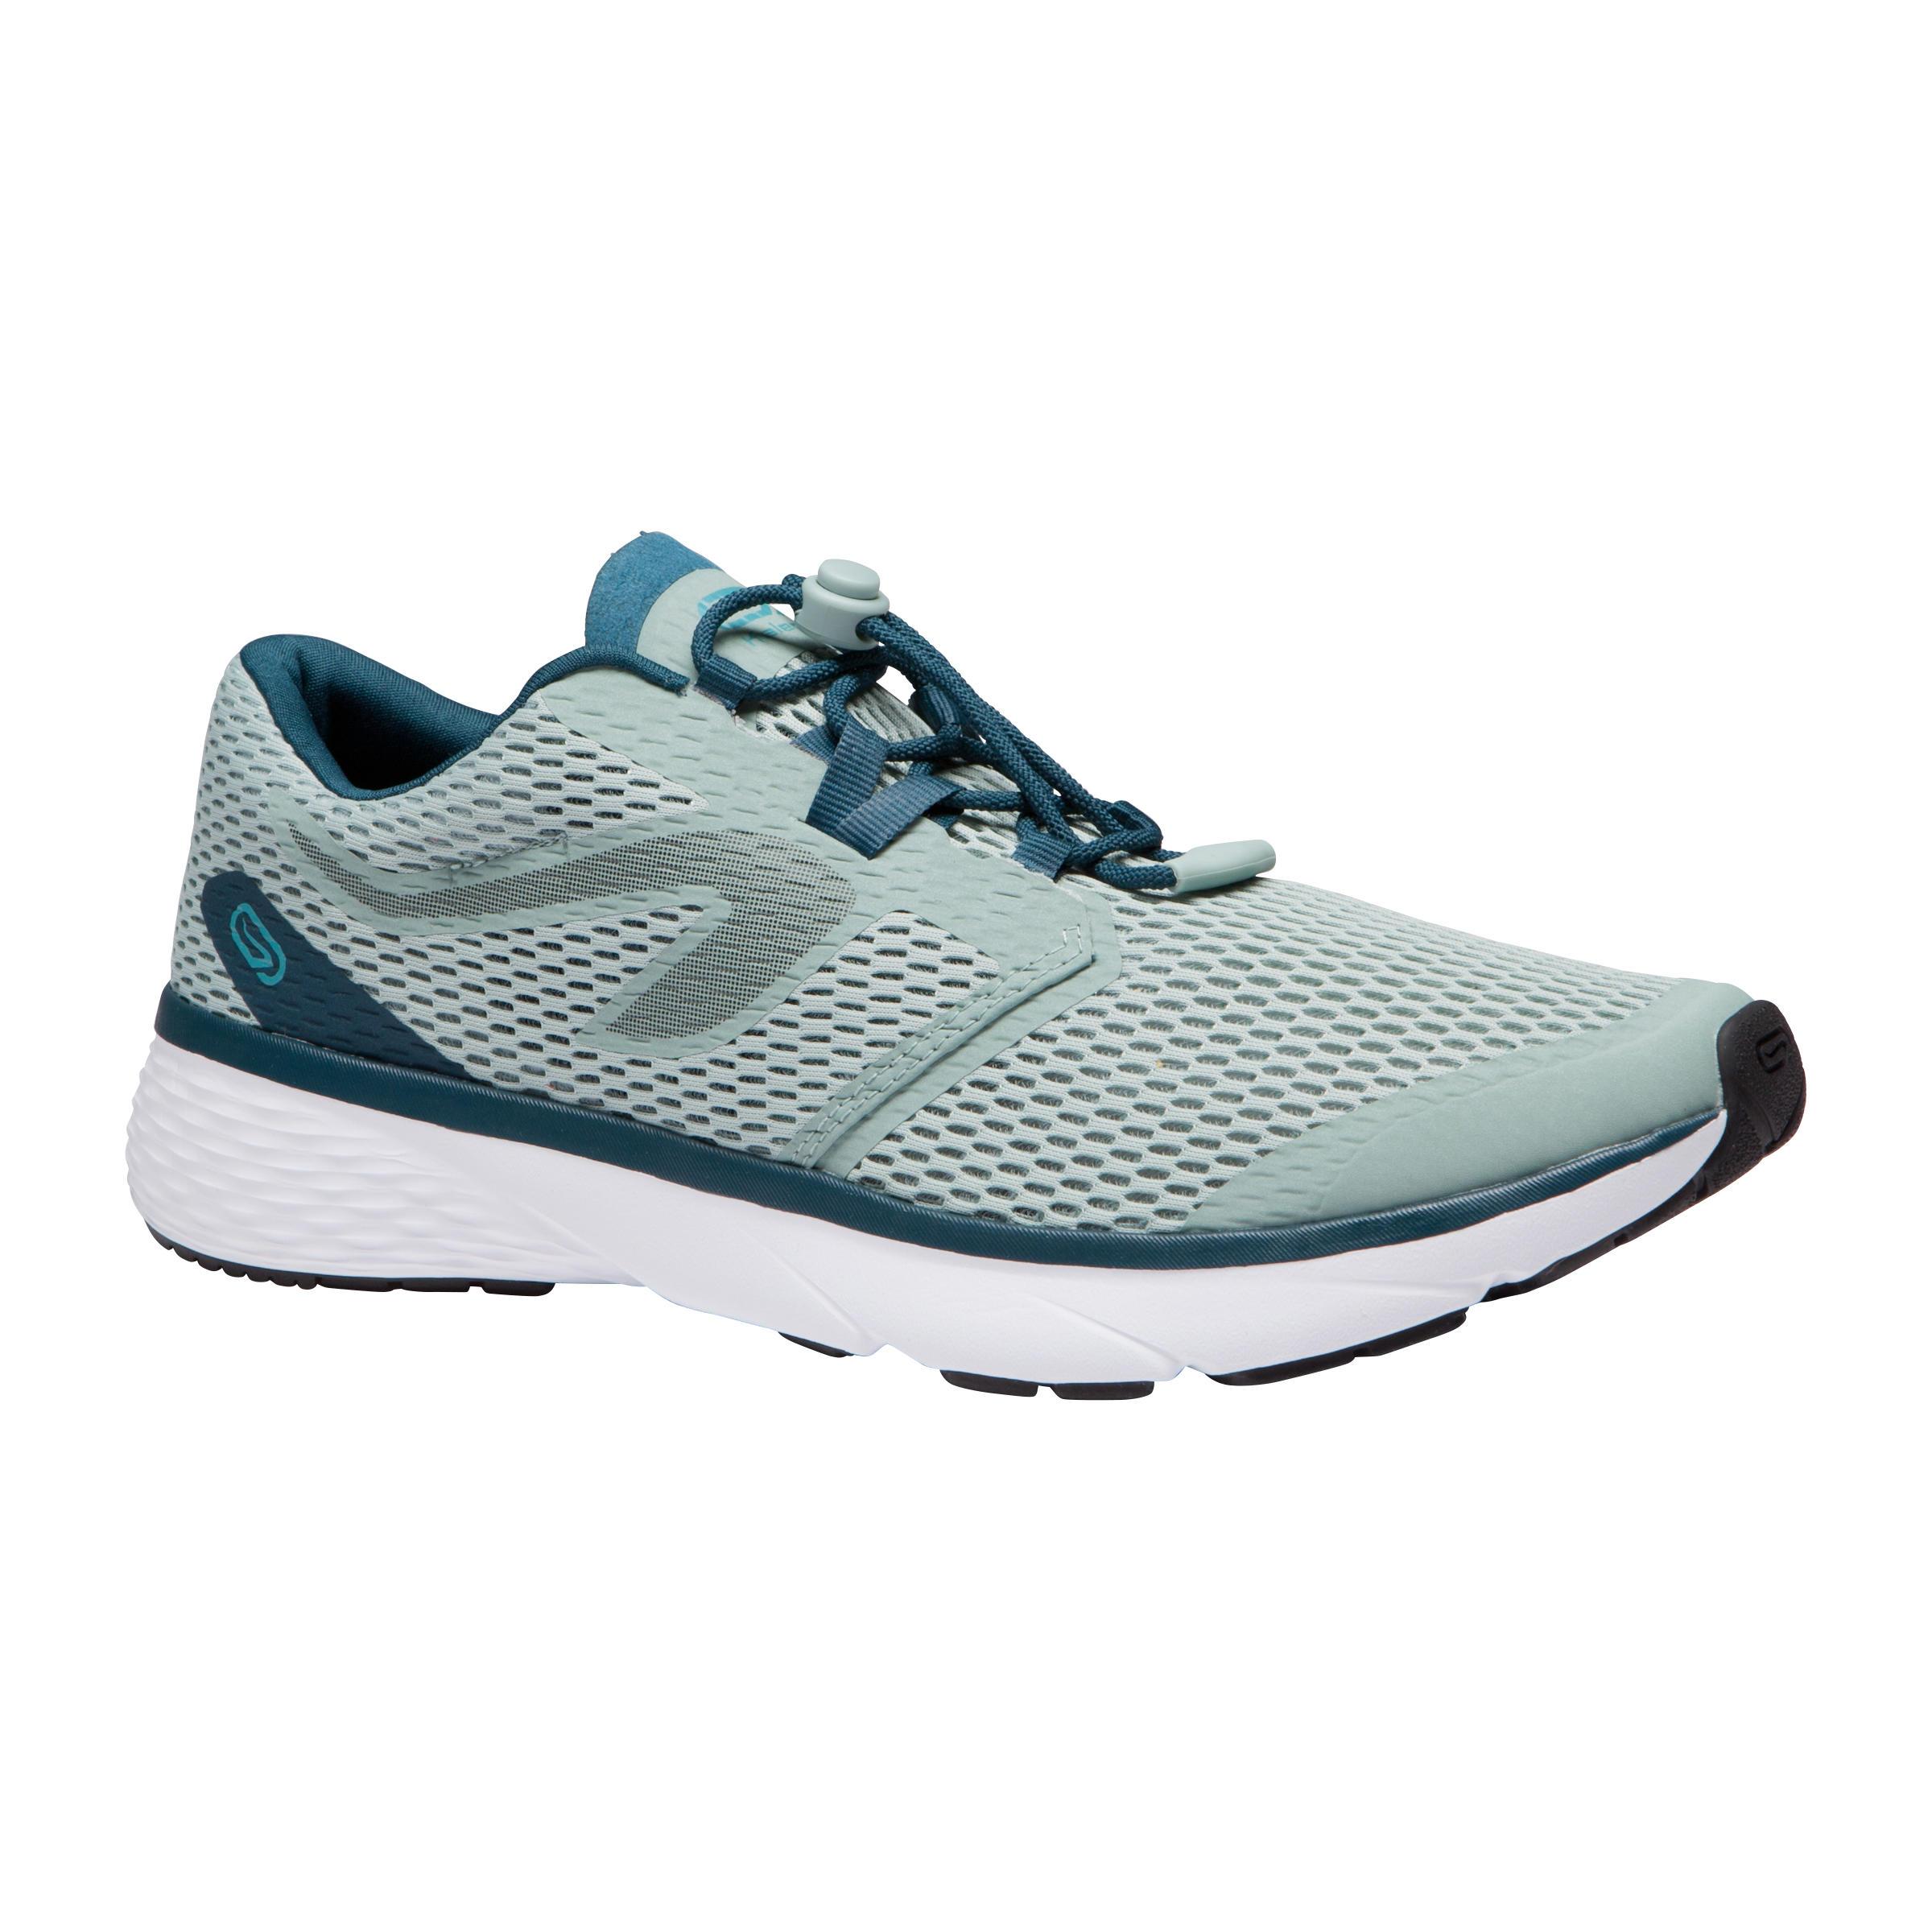 Kalenji Joggingschoenen voor heren Run Support Breathe groen kopen